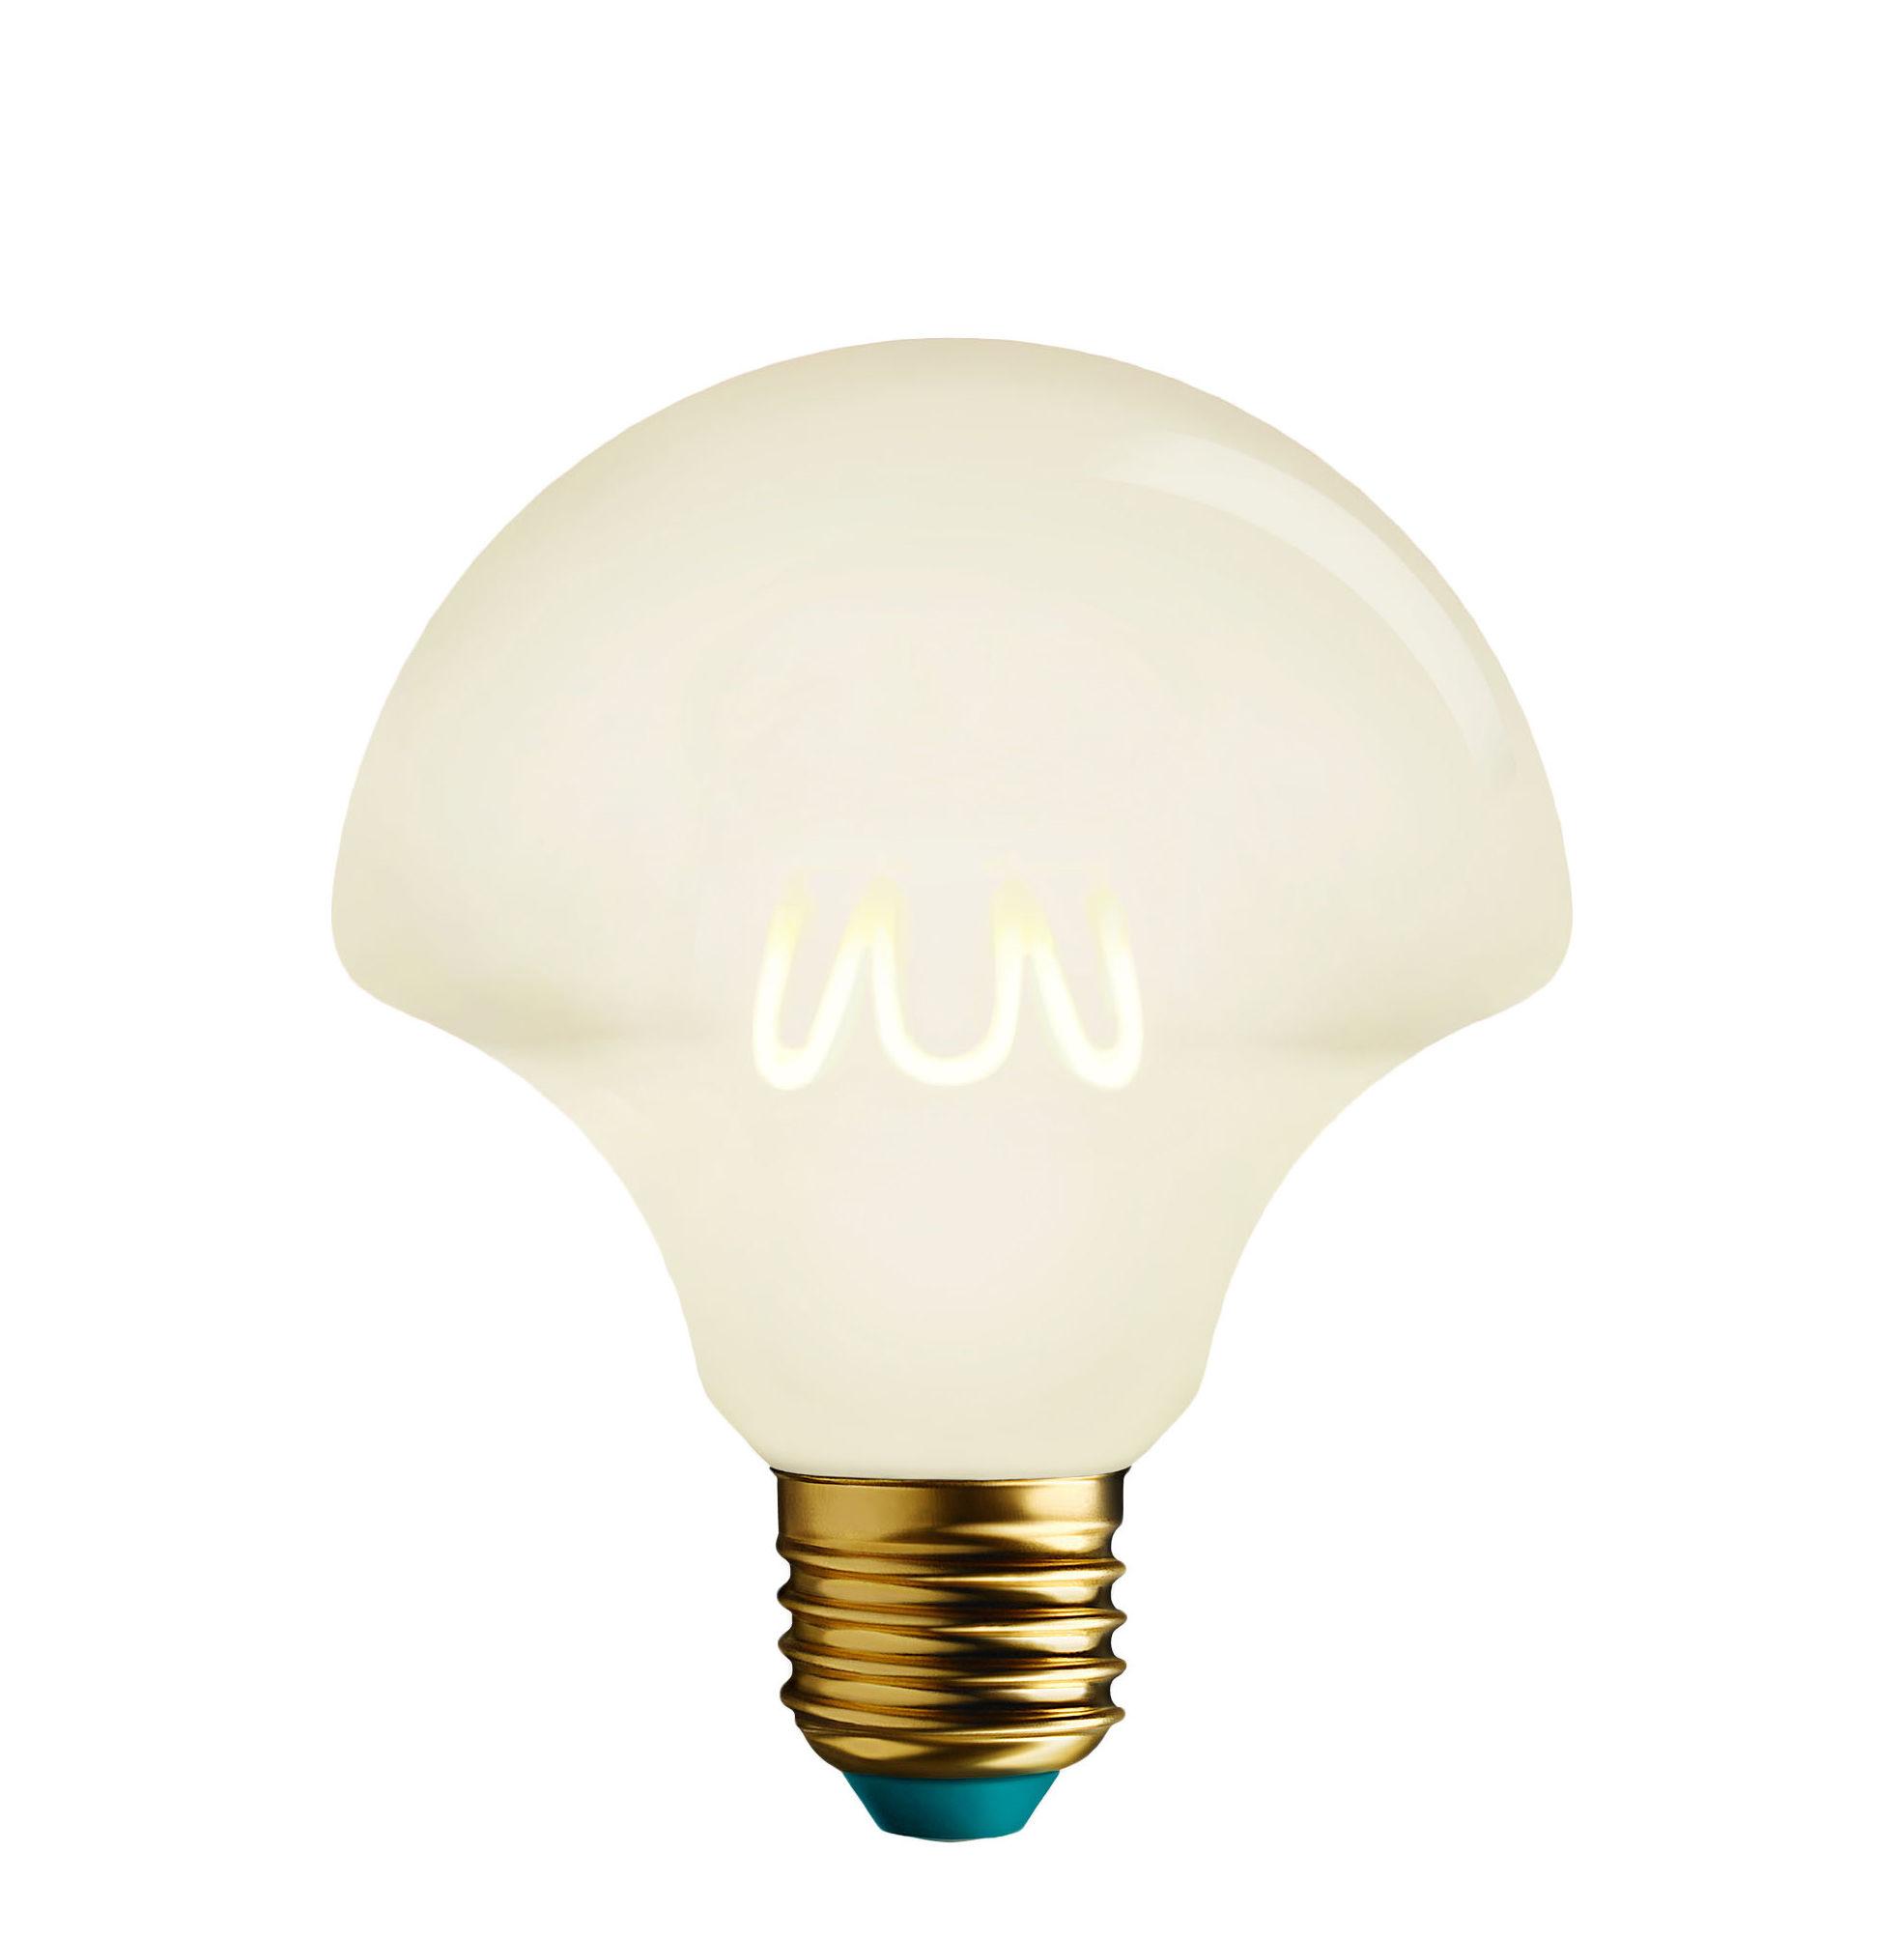 Illuminazione - Lampadine e Accessori - Lampadina LED filamenti E27 Willow Milky - / Dimmerabile - 4,5W (21W) - 200lm di Plumen - Bianco - Alluminio, Vetro